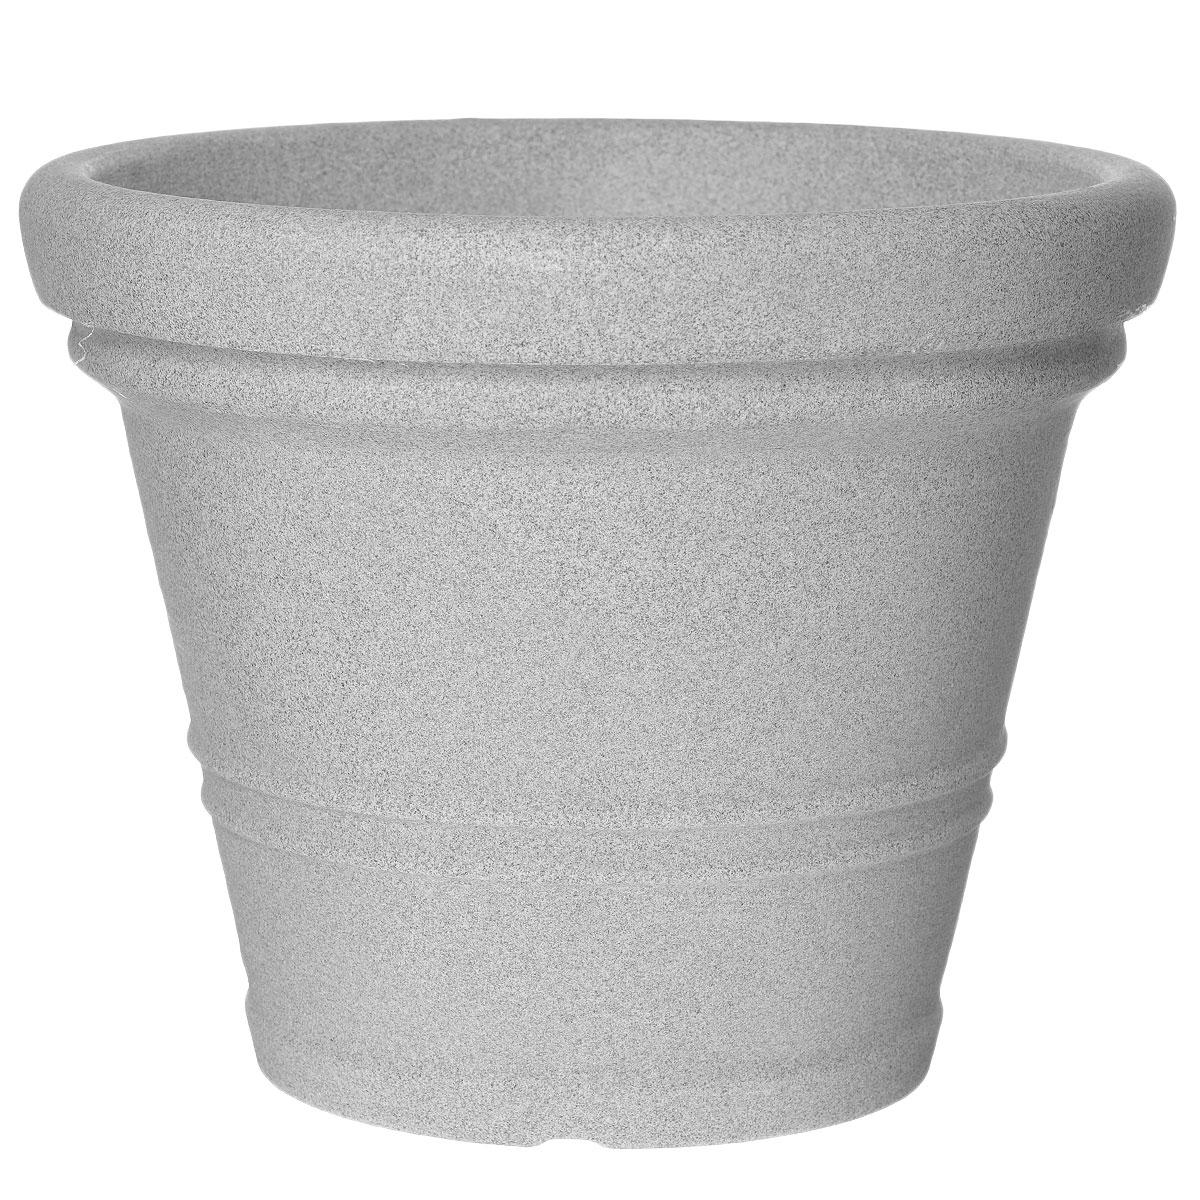 Кашпо для цветов Scheurich, цвет: светло-серый, диаметр 45 смGFS-3-45Кашпо для цветов Scheurich выполнено из прочного пластика. Изделие предназначено для установки внутрь цветочных горшков с растениями.Такие изделия часто становятся последним штрихом, который совершенно изменяет интерьер помещения или ландшафтный дизайн сада. Благодаря такому кашпо вы сможете украсить вашу комнату, офис, сад и другие места.Диаметр: 45 см.